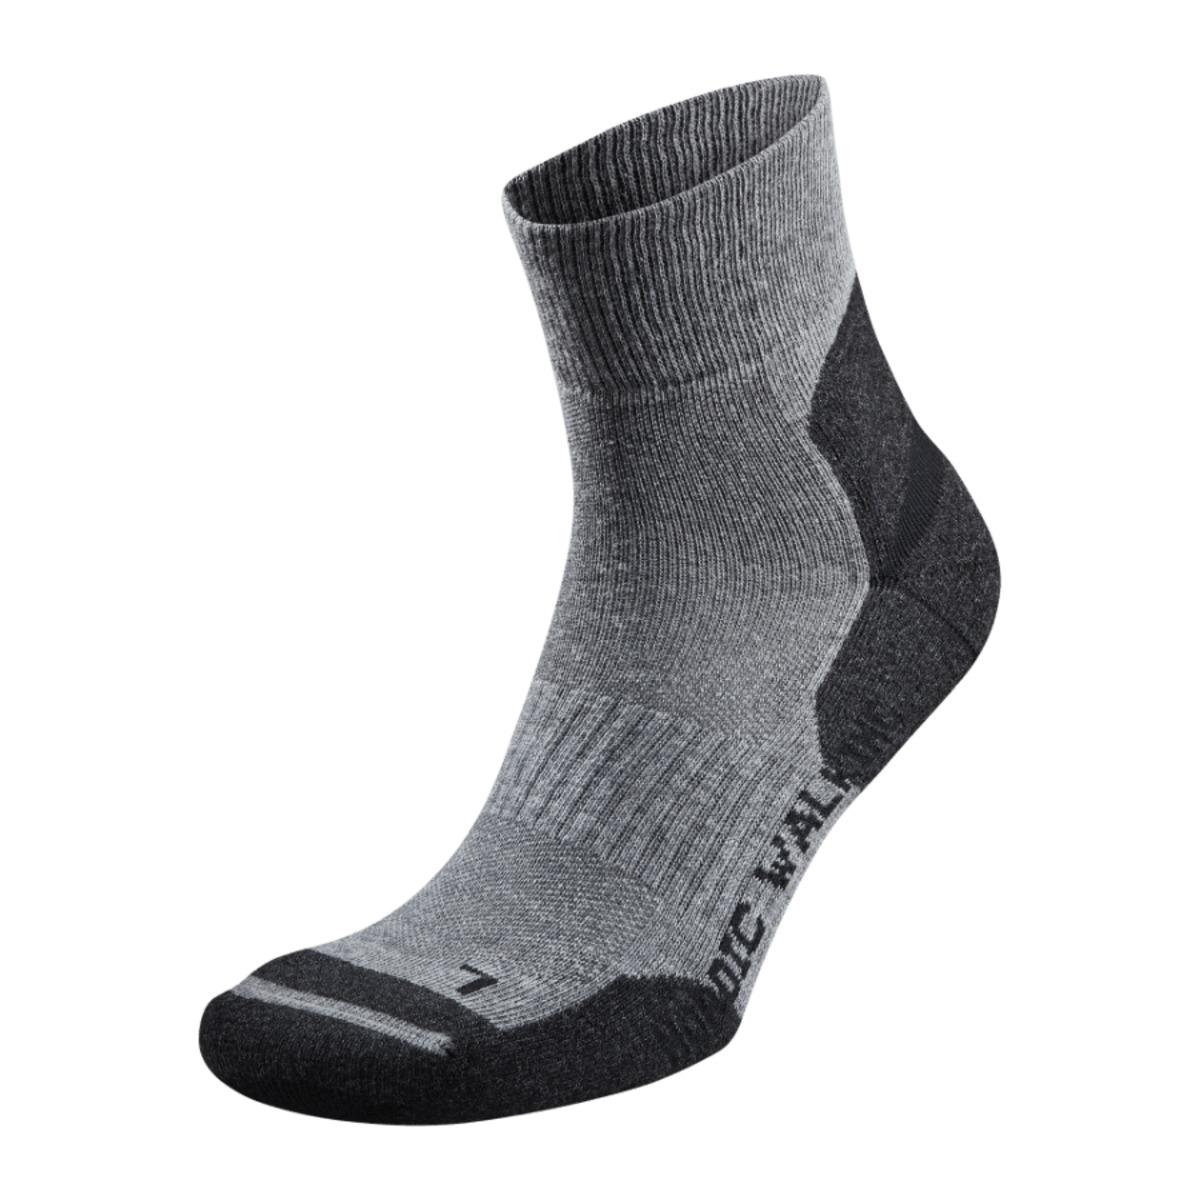 Bild 5 von ACTIVE TOUCH     Nordic Walking Socken